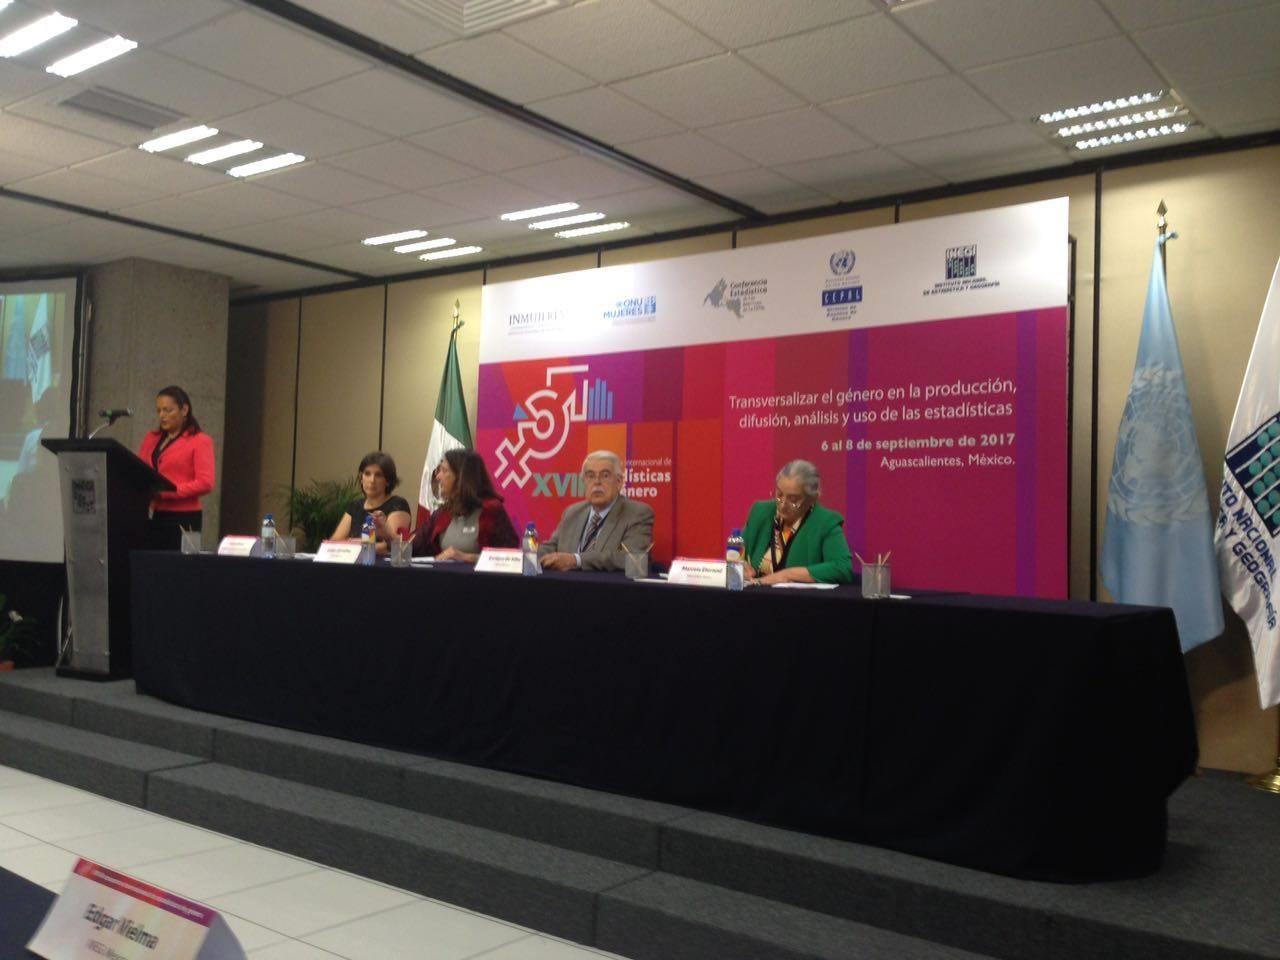 Fortalecer la perspectiva de género en la producción de estadísticas es fundamental para el cumplimiento de la Agenda 2030 para el Desarrollo Sostenible